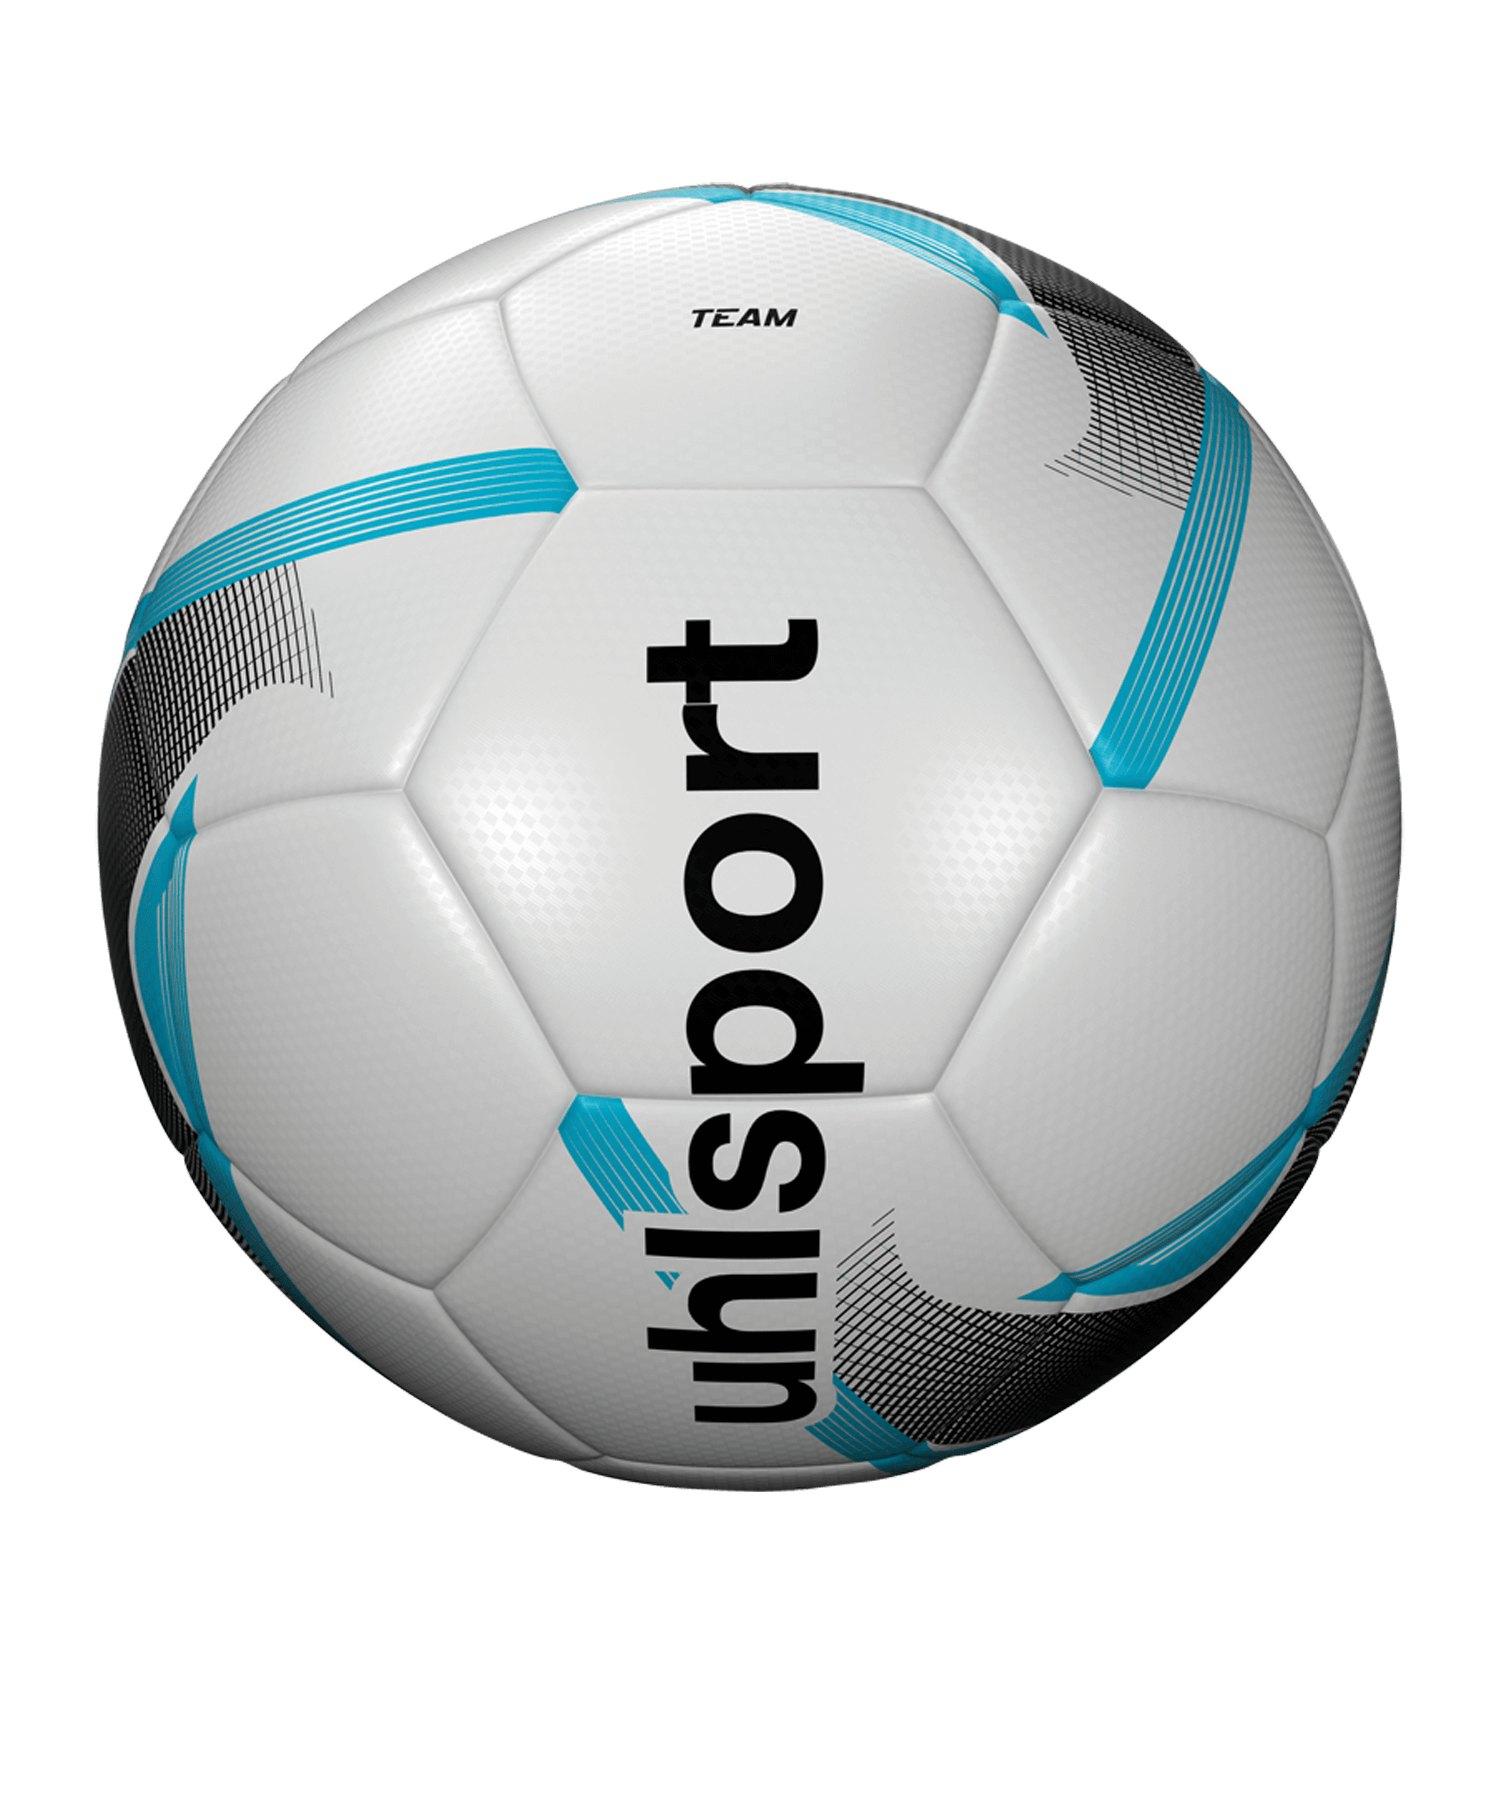 Uhlsport Infinity Team Fussball Gr. 3 Weiss F05 - weiss